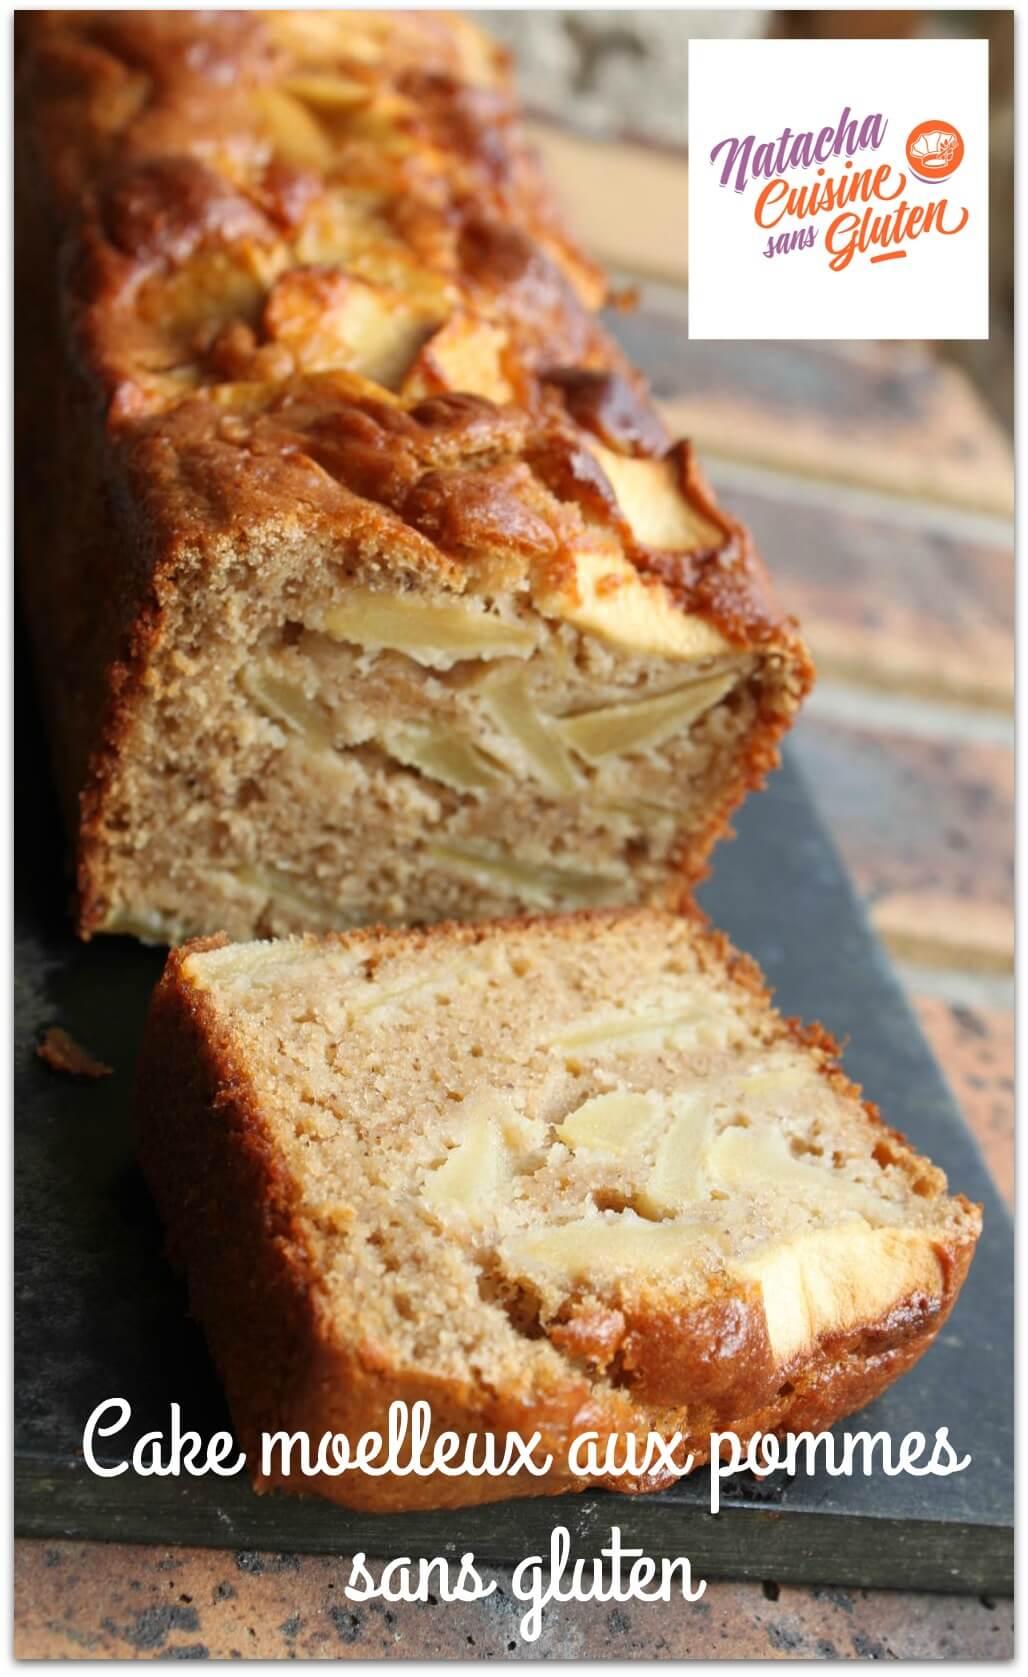 Cake moelleux aux pommes sans gluten